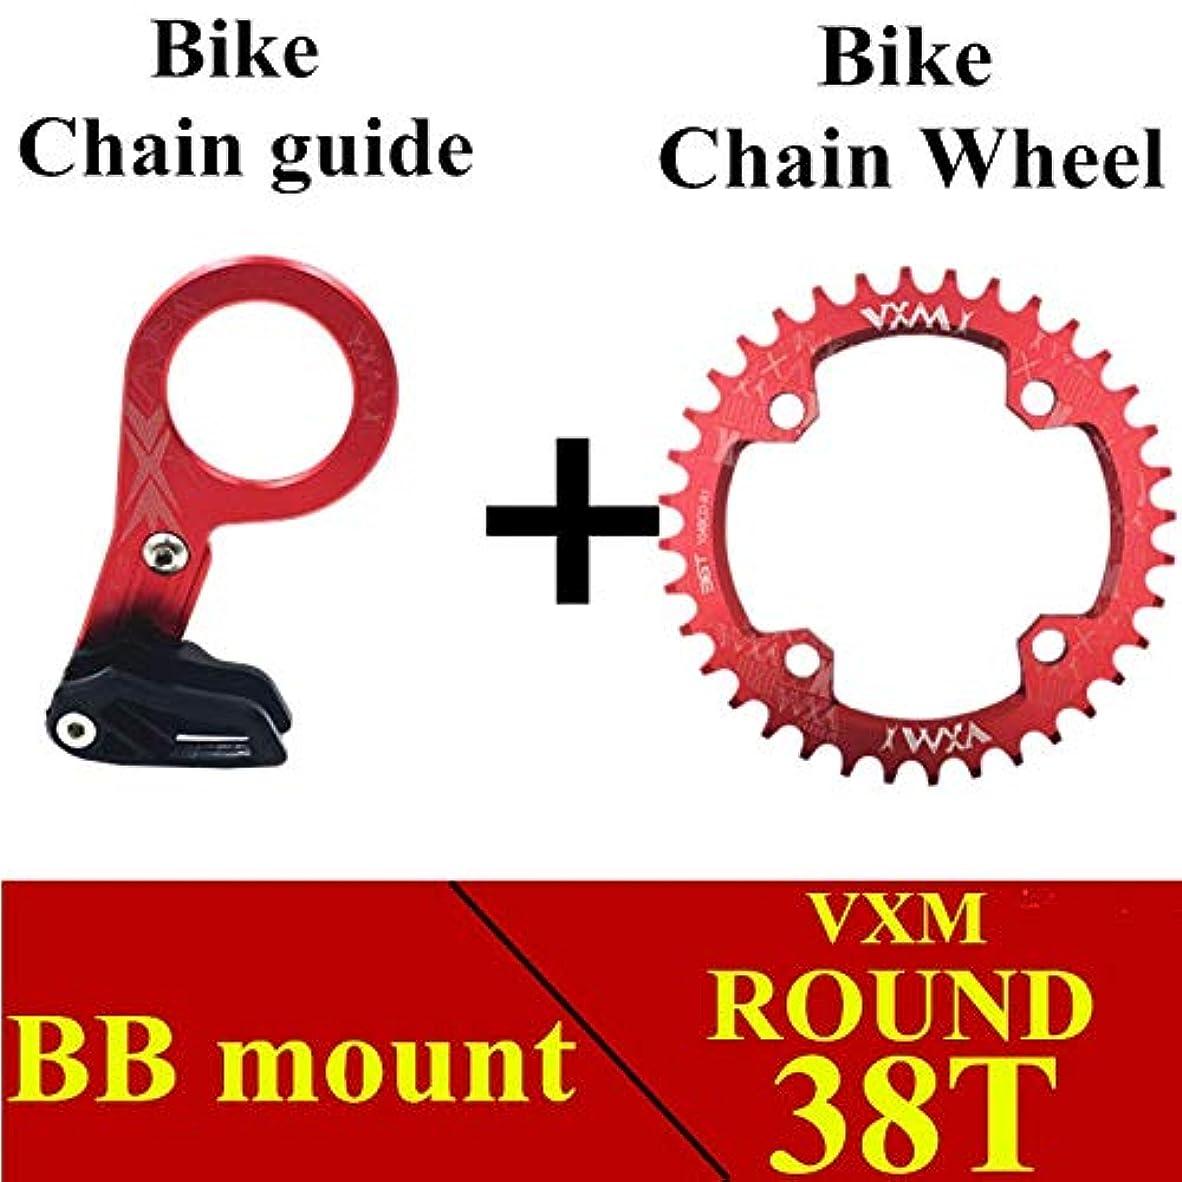 特性星道徳Propenary - Bicycle Crank & Chainwheel 104BCD 32T/34T/36T/38T Round Narrow Wide Chainring Bike Chain guide protector...